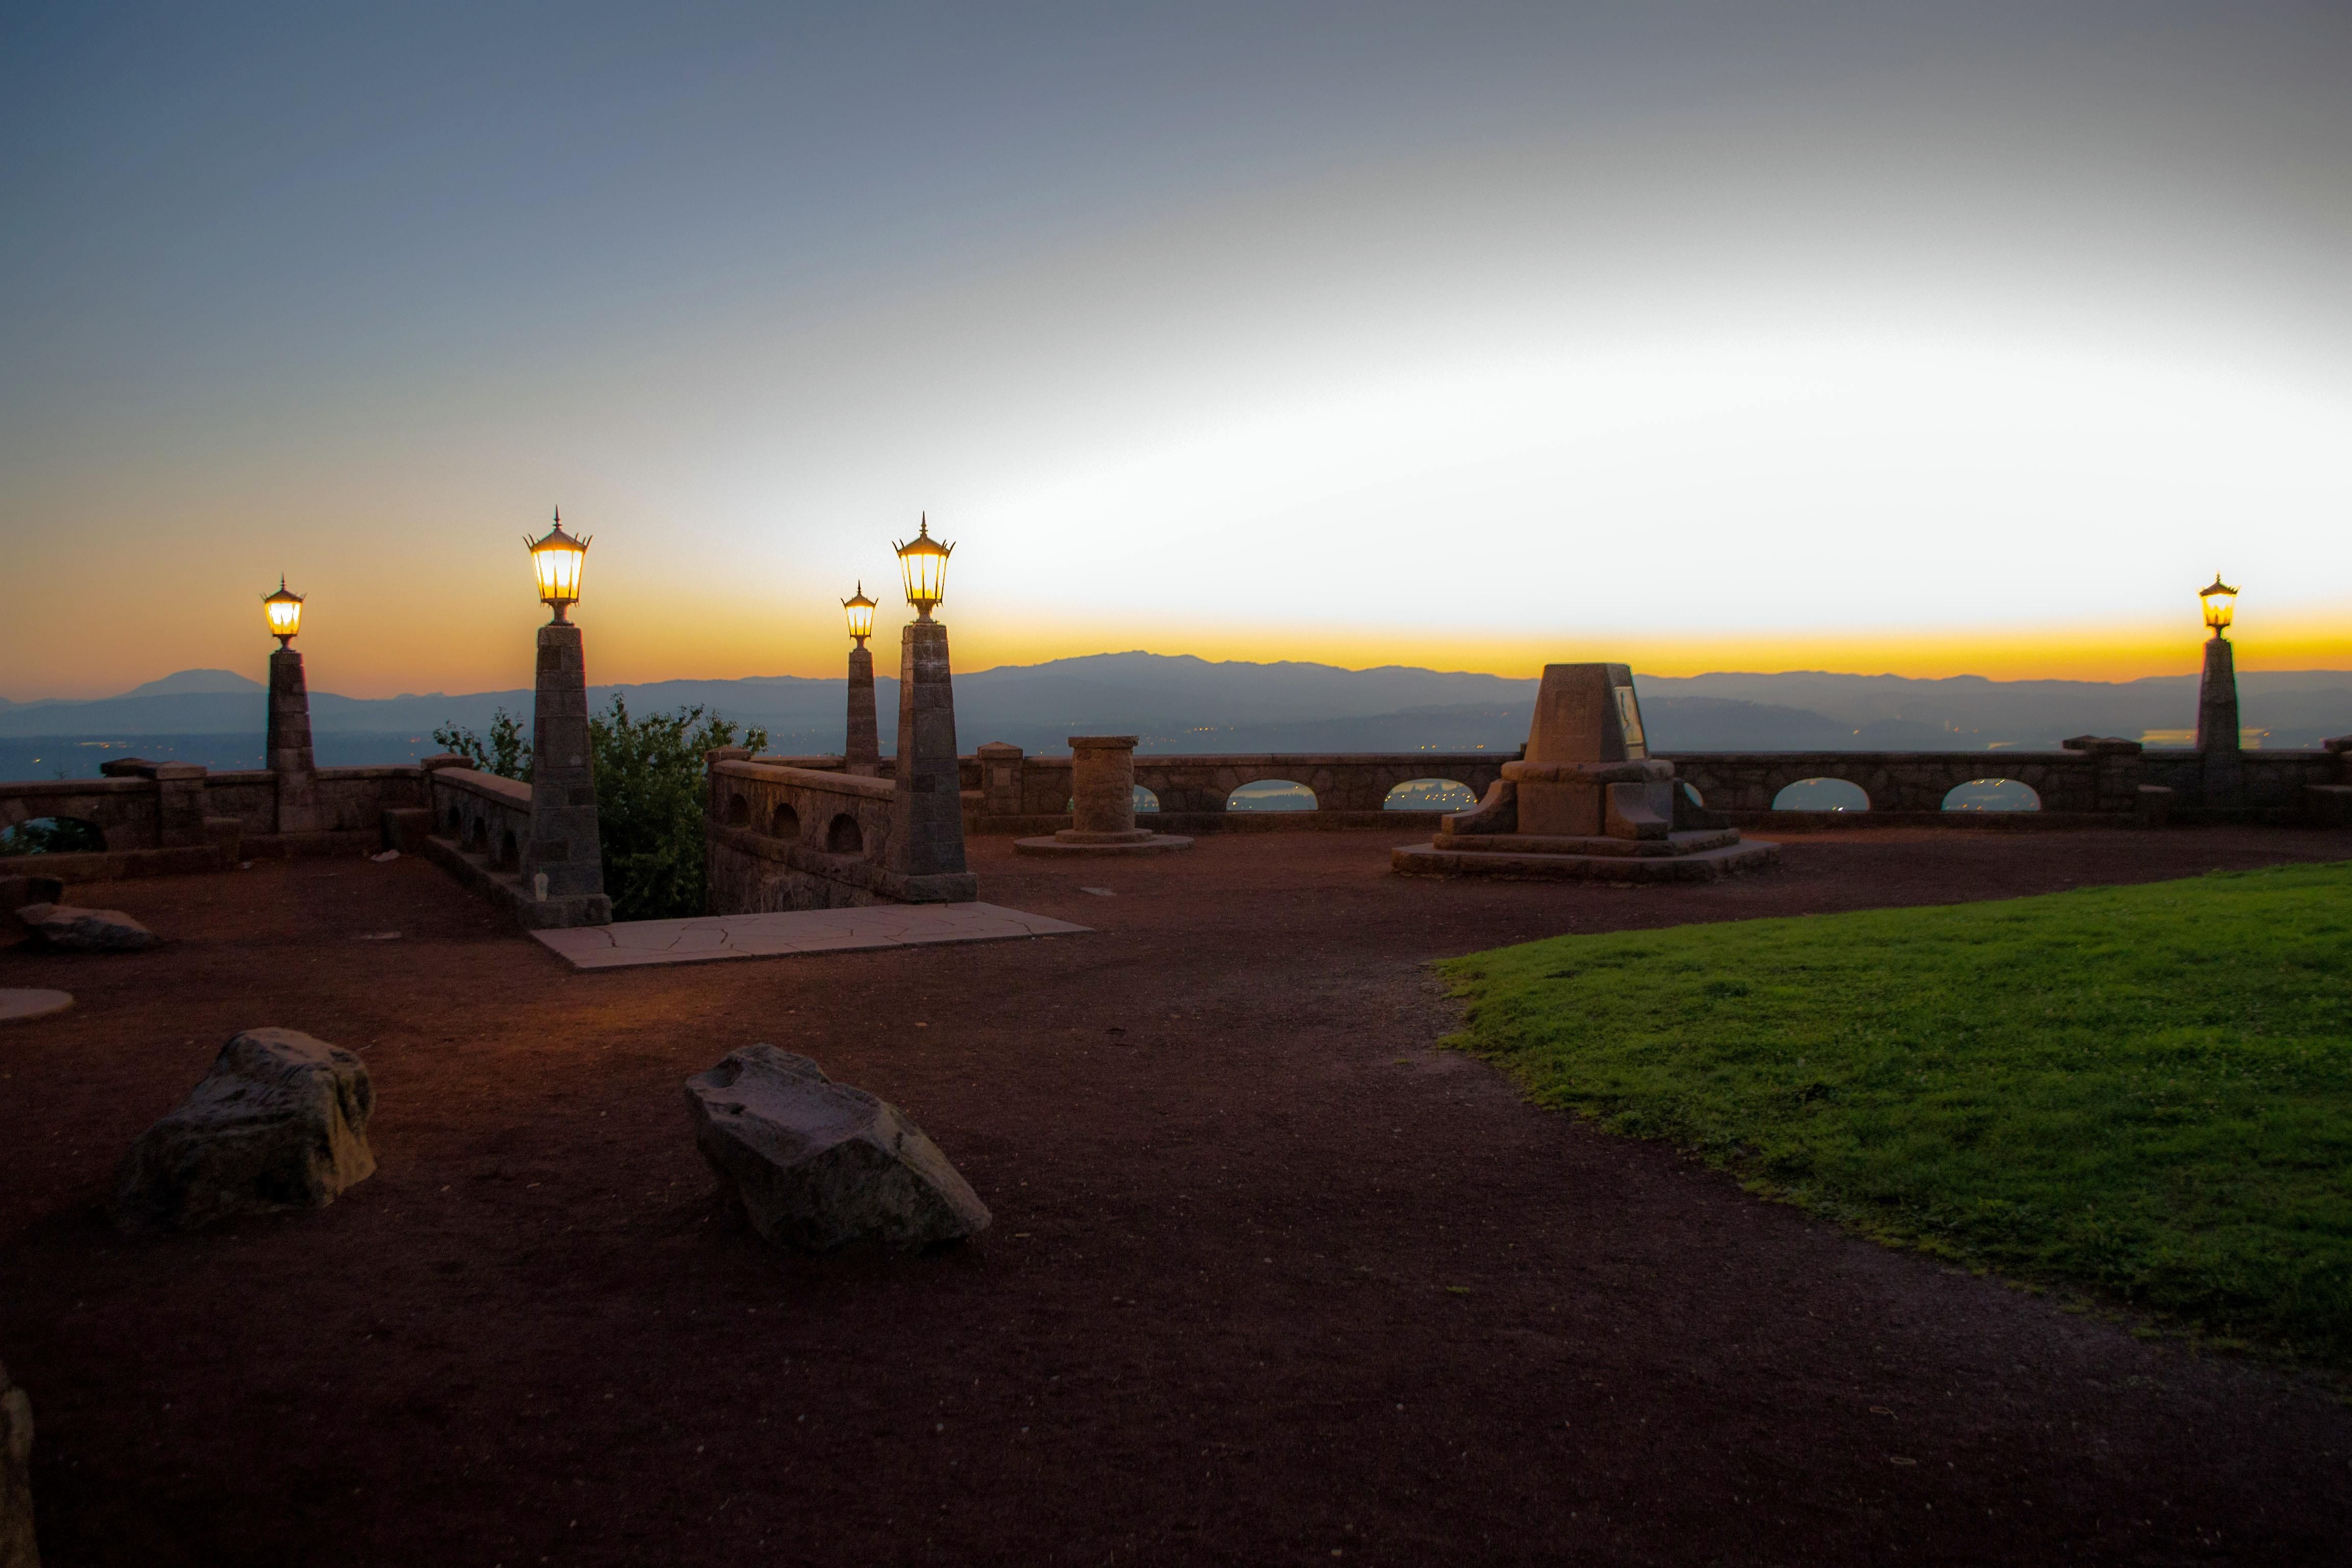 Le parc de Rocky Butte offre une vue sur la ville et Mount Hood, montagne proche de Portland